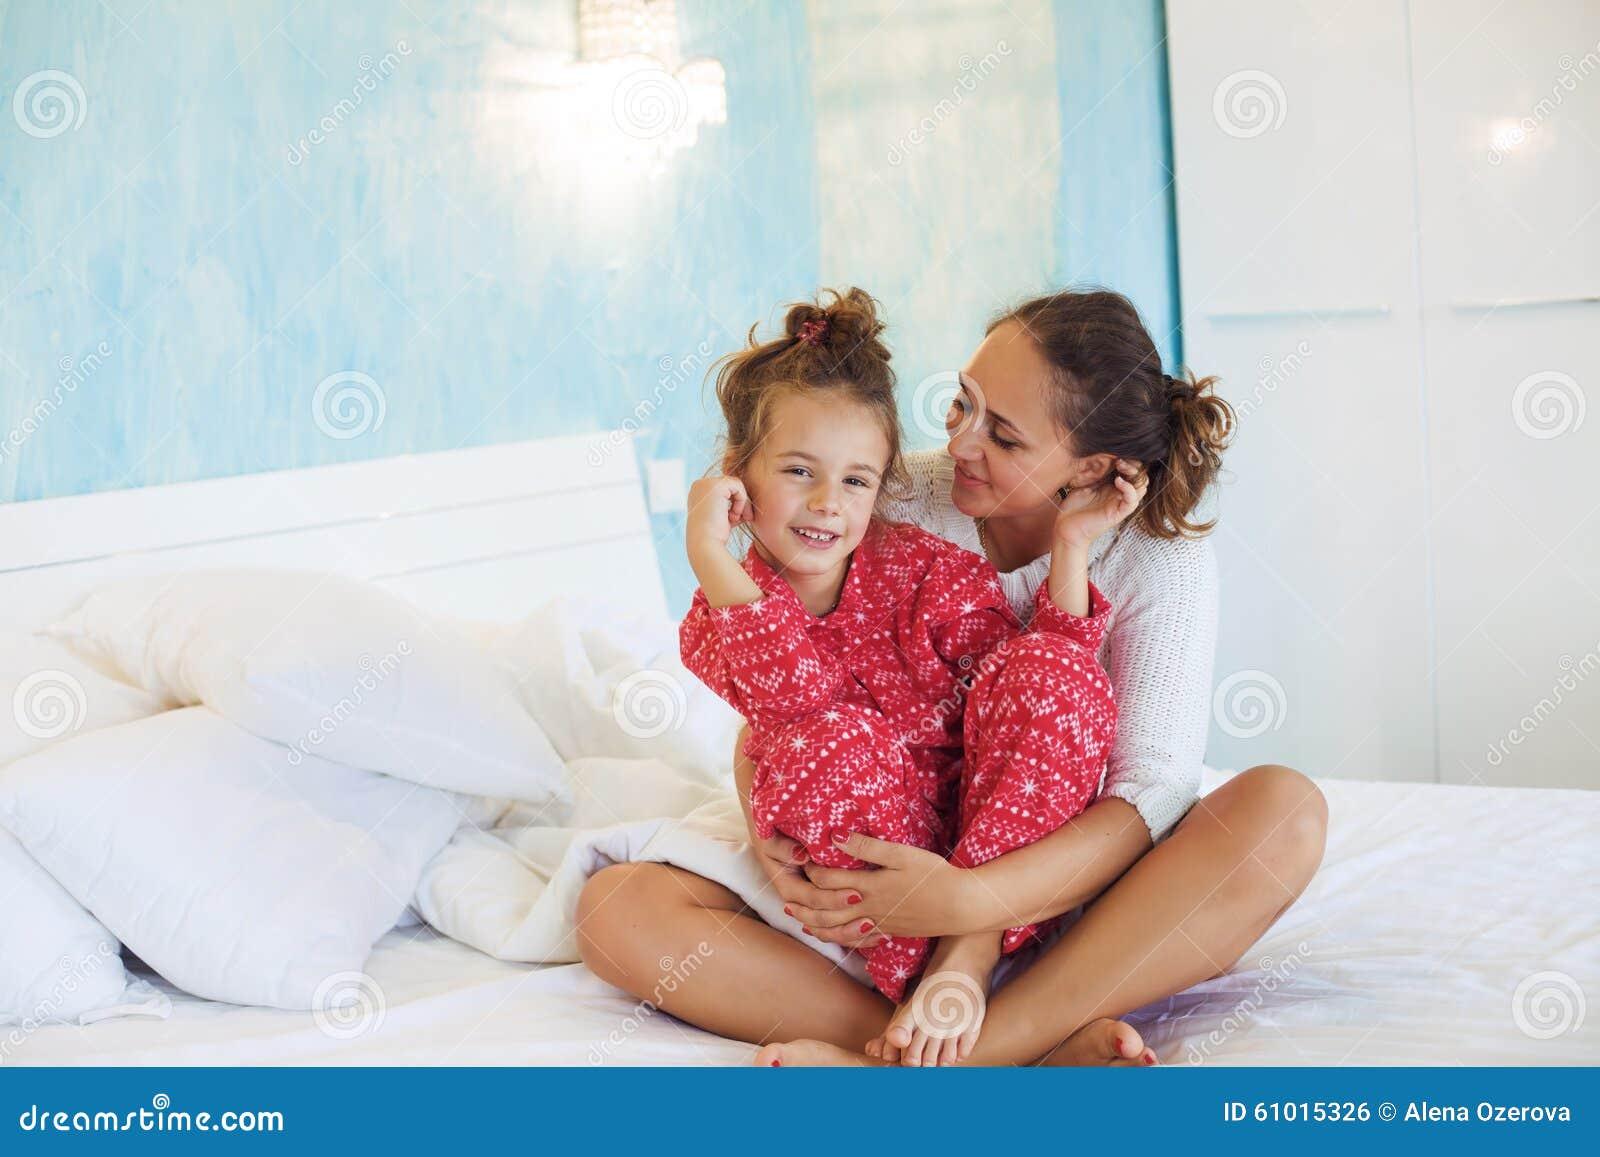 мама на кровати